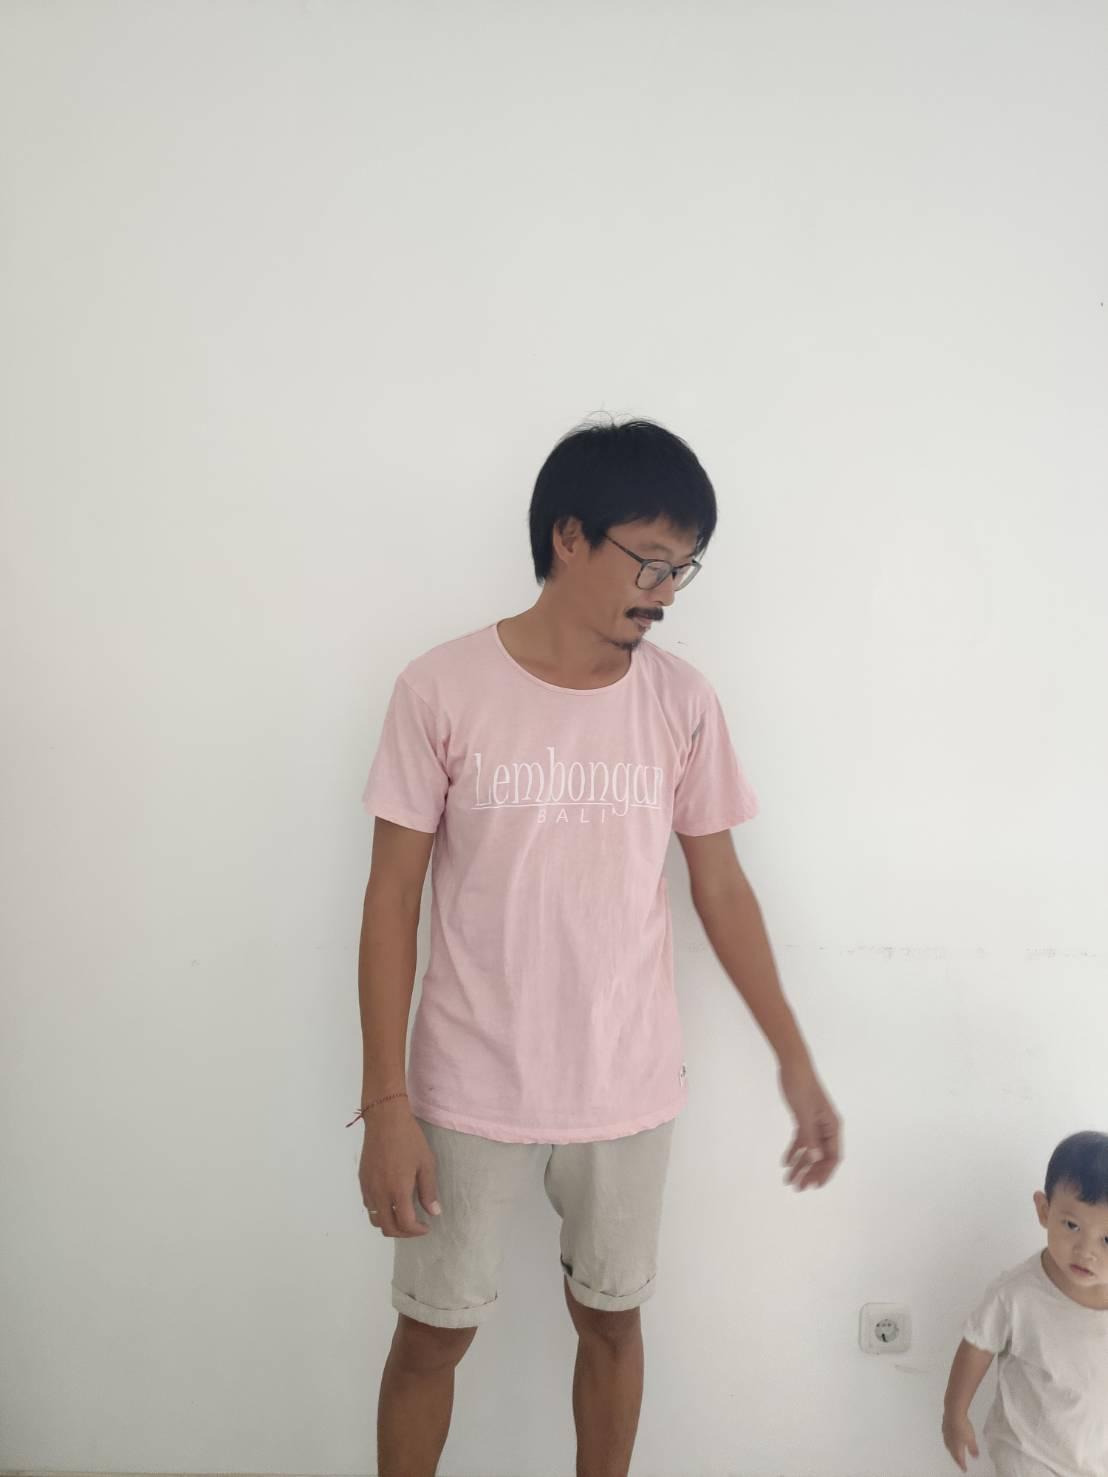 レンボンガンTシャツ